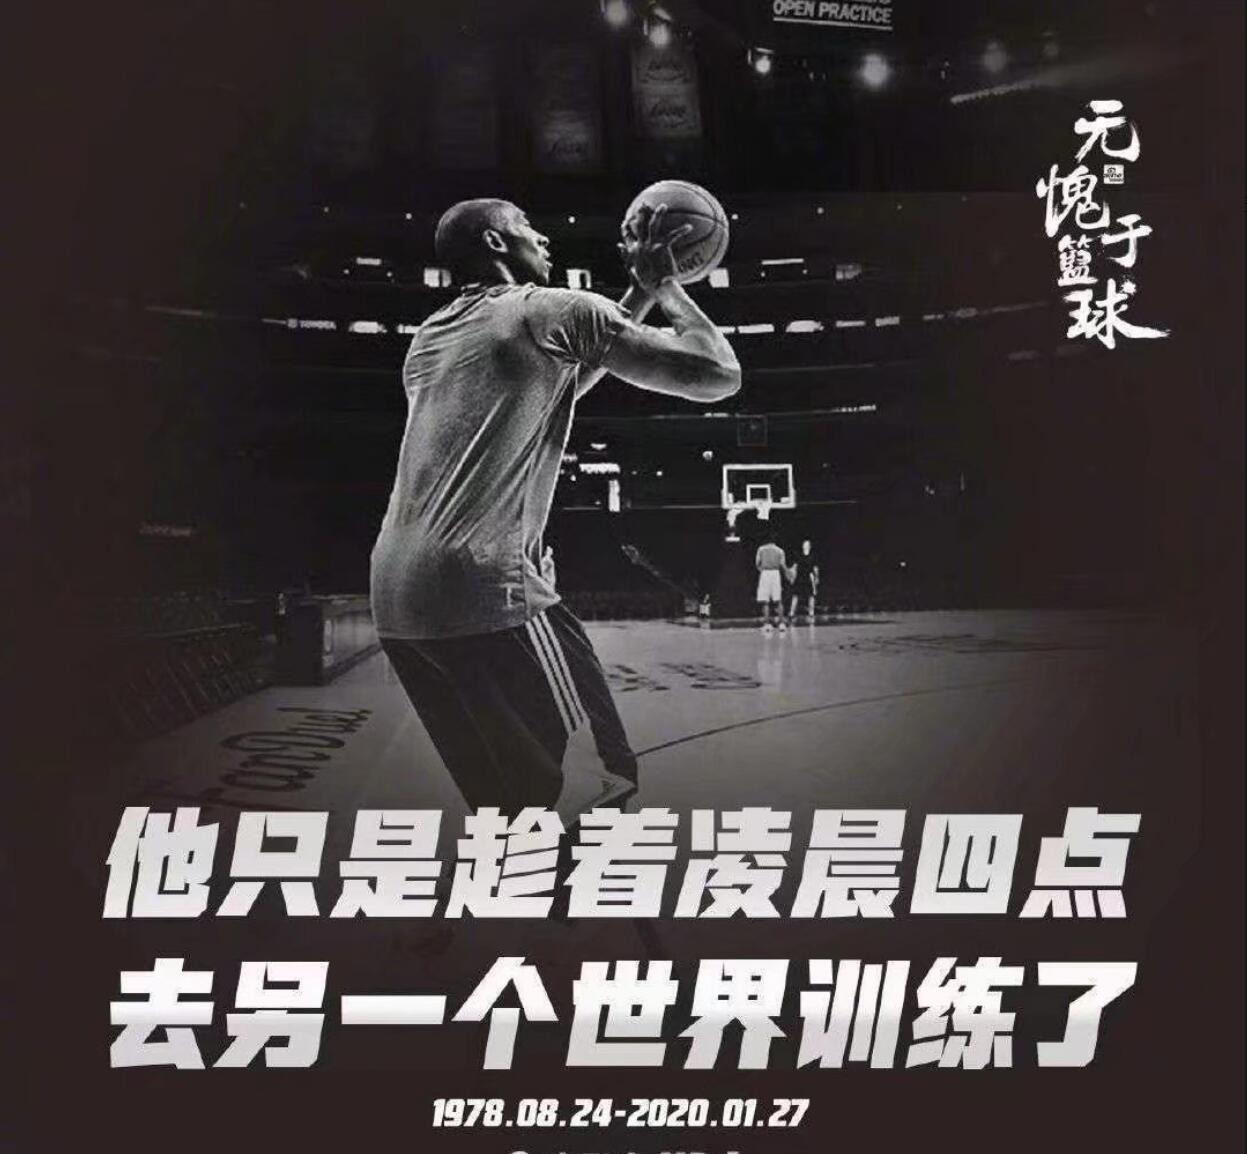 缅怀传奇!《NBA 2K20》官方和玩家在游戏中共同悼念科比·布莱恩特